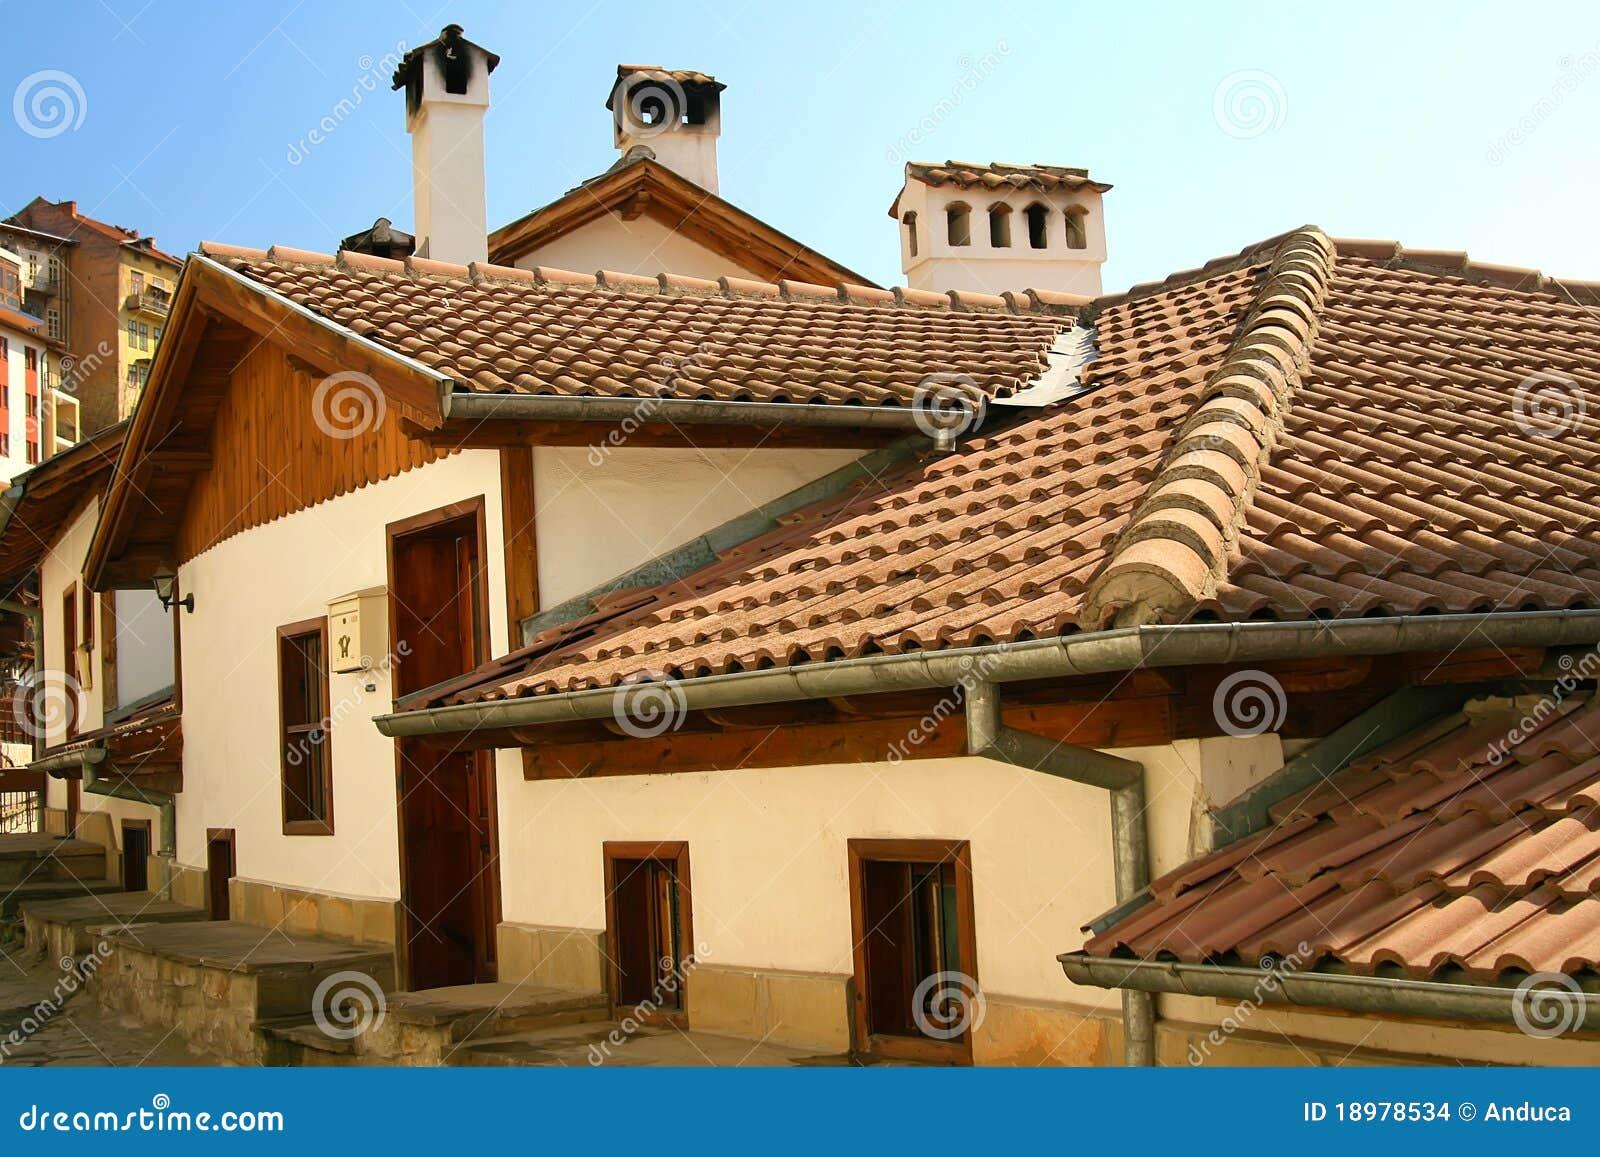 Floor Plans Ranch Style House Casas E Telhados Velhos Com Telhas Cer 226 Micas Imagens De